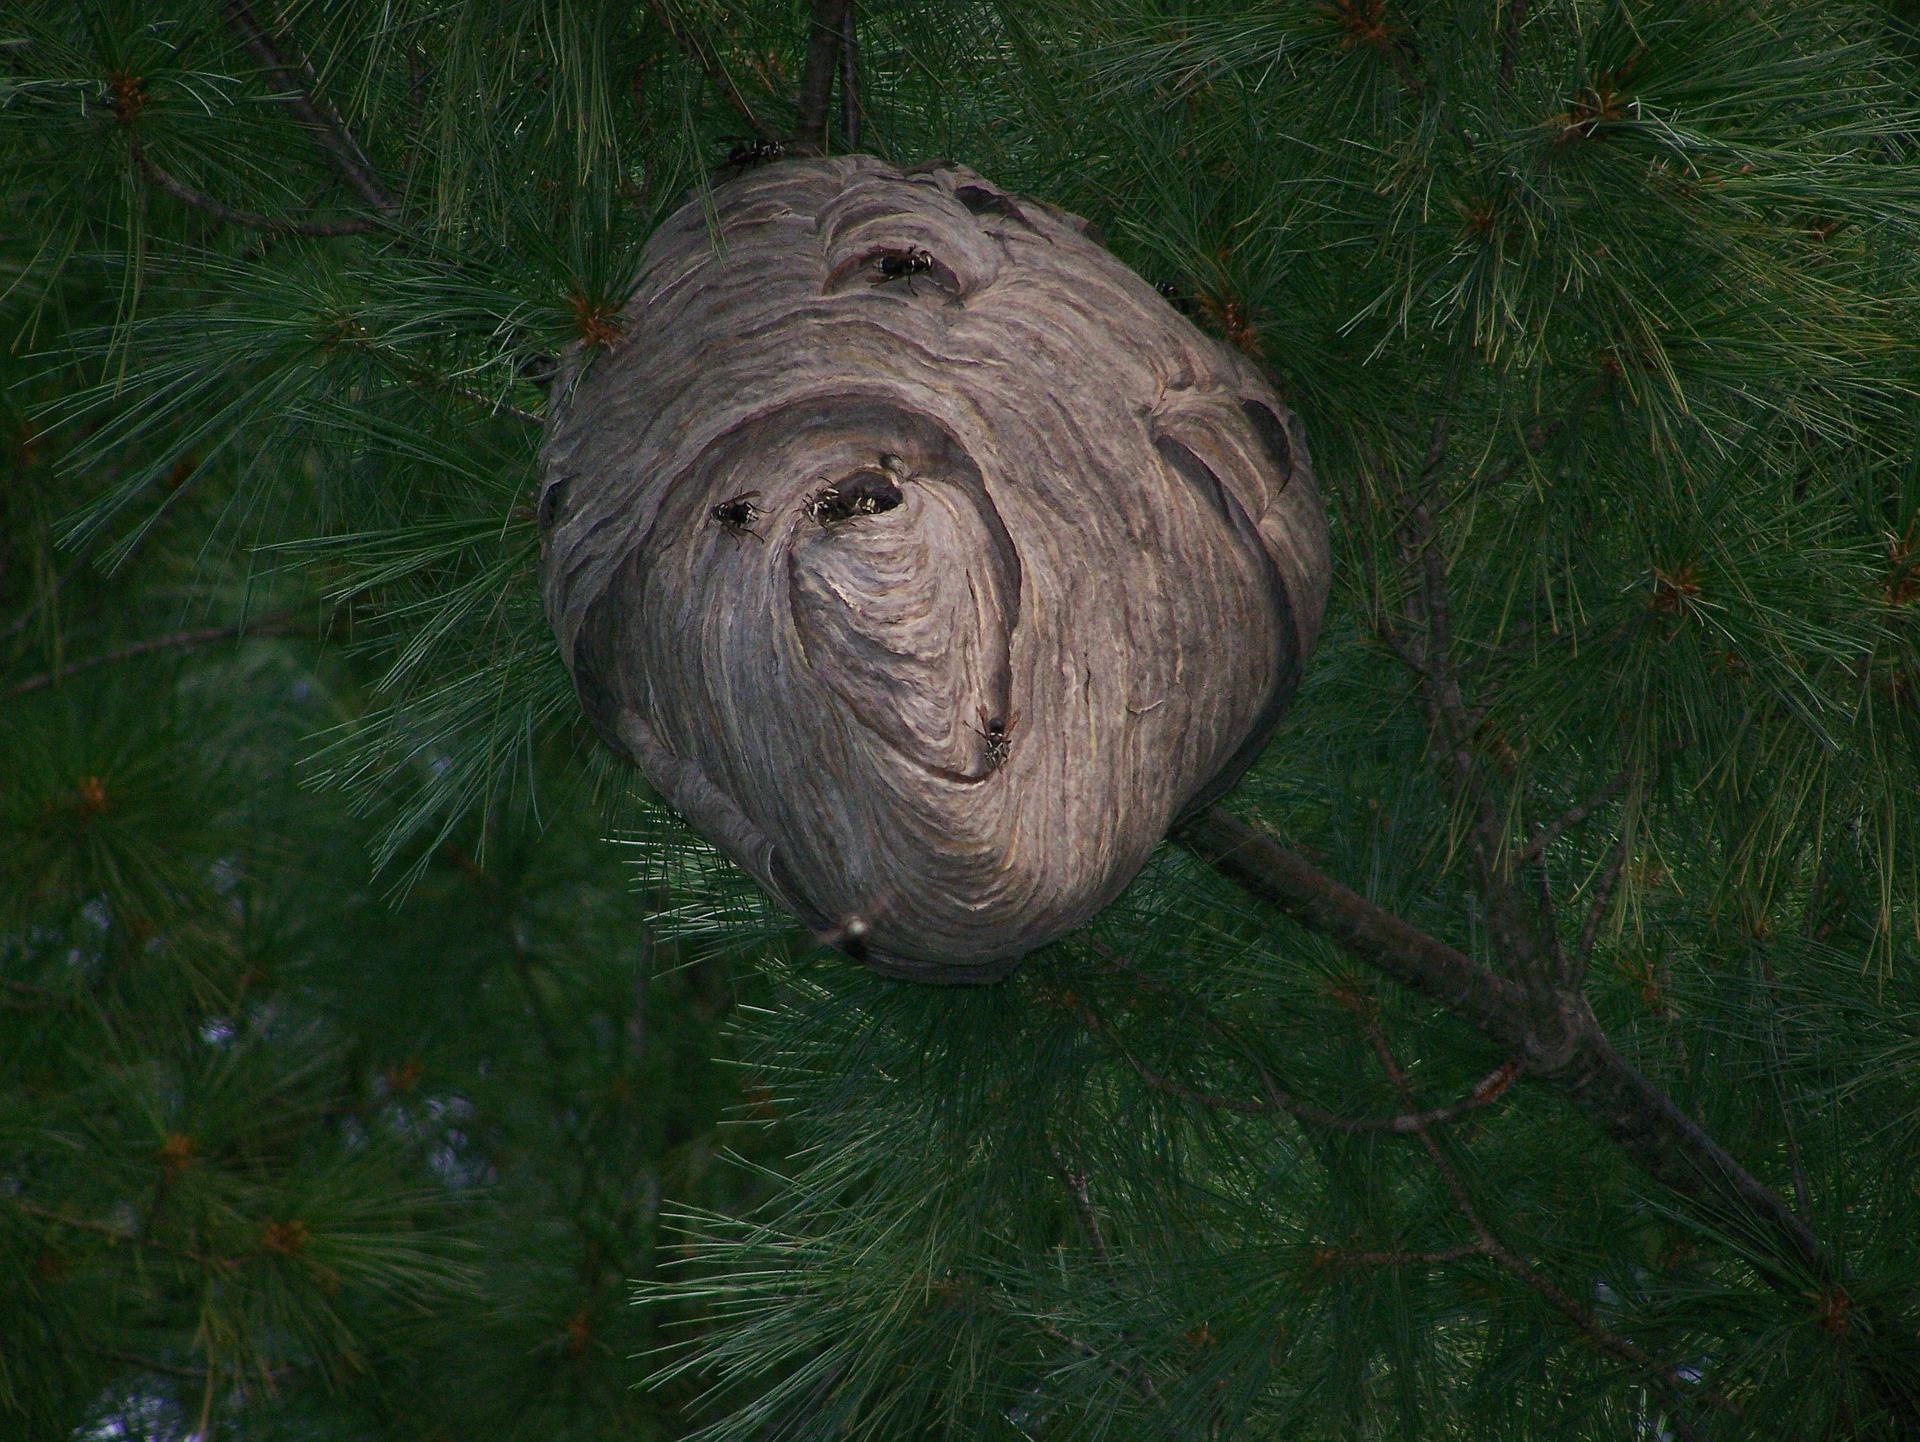 enlevement nid de frelon Carqueiranne 83320